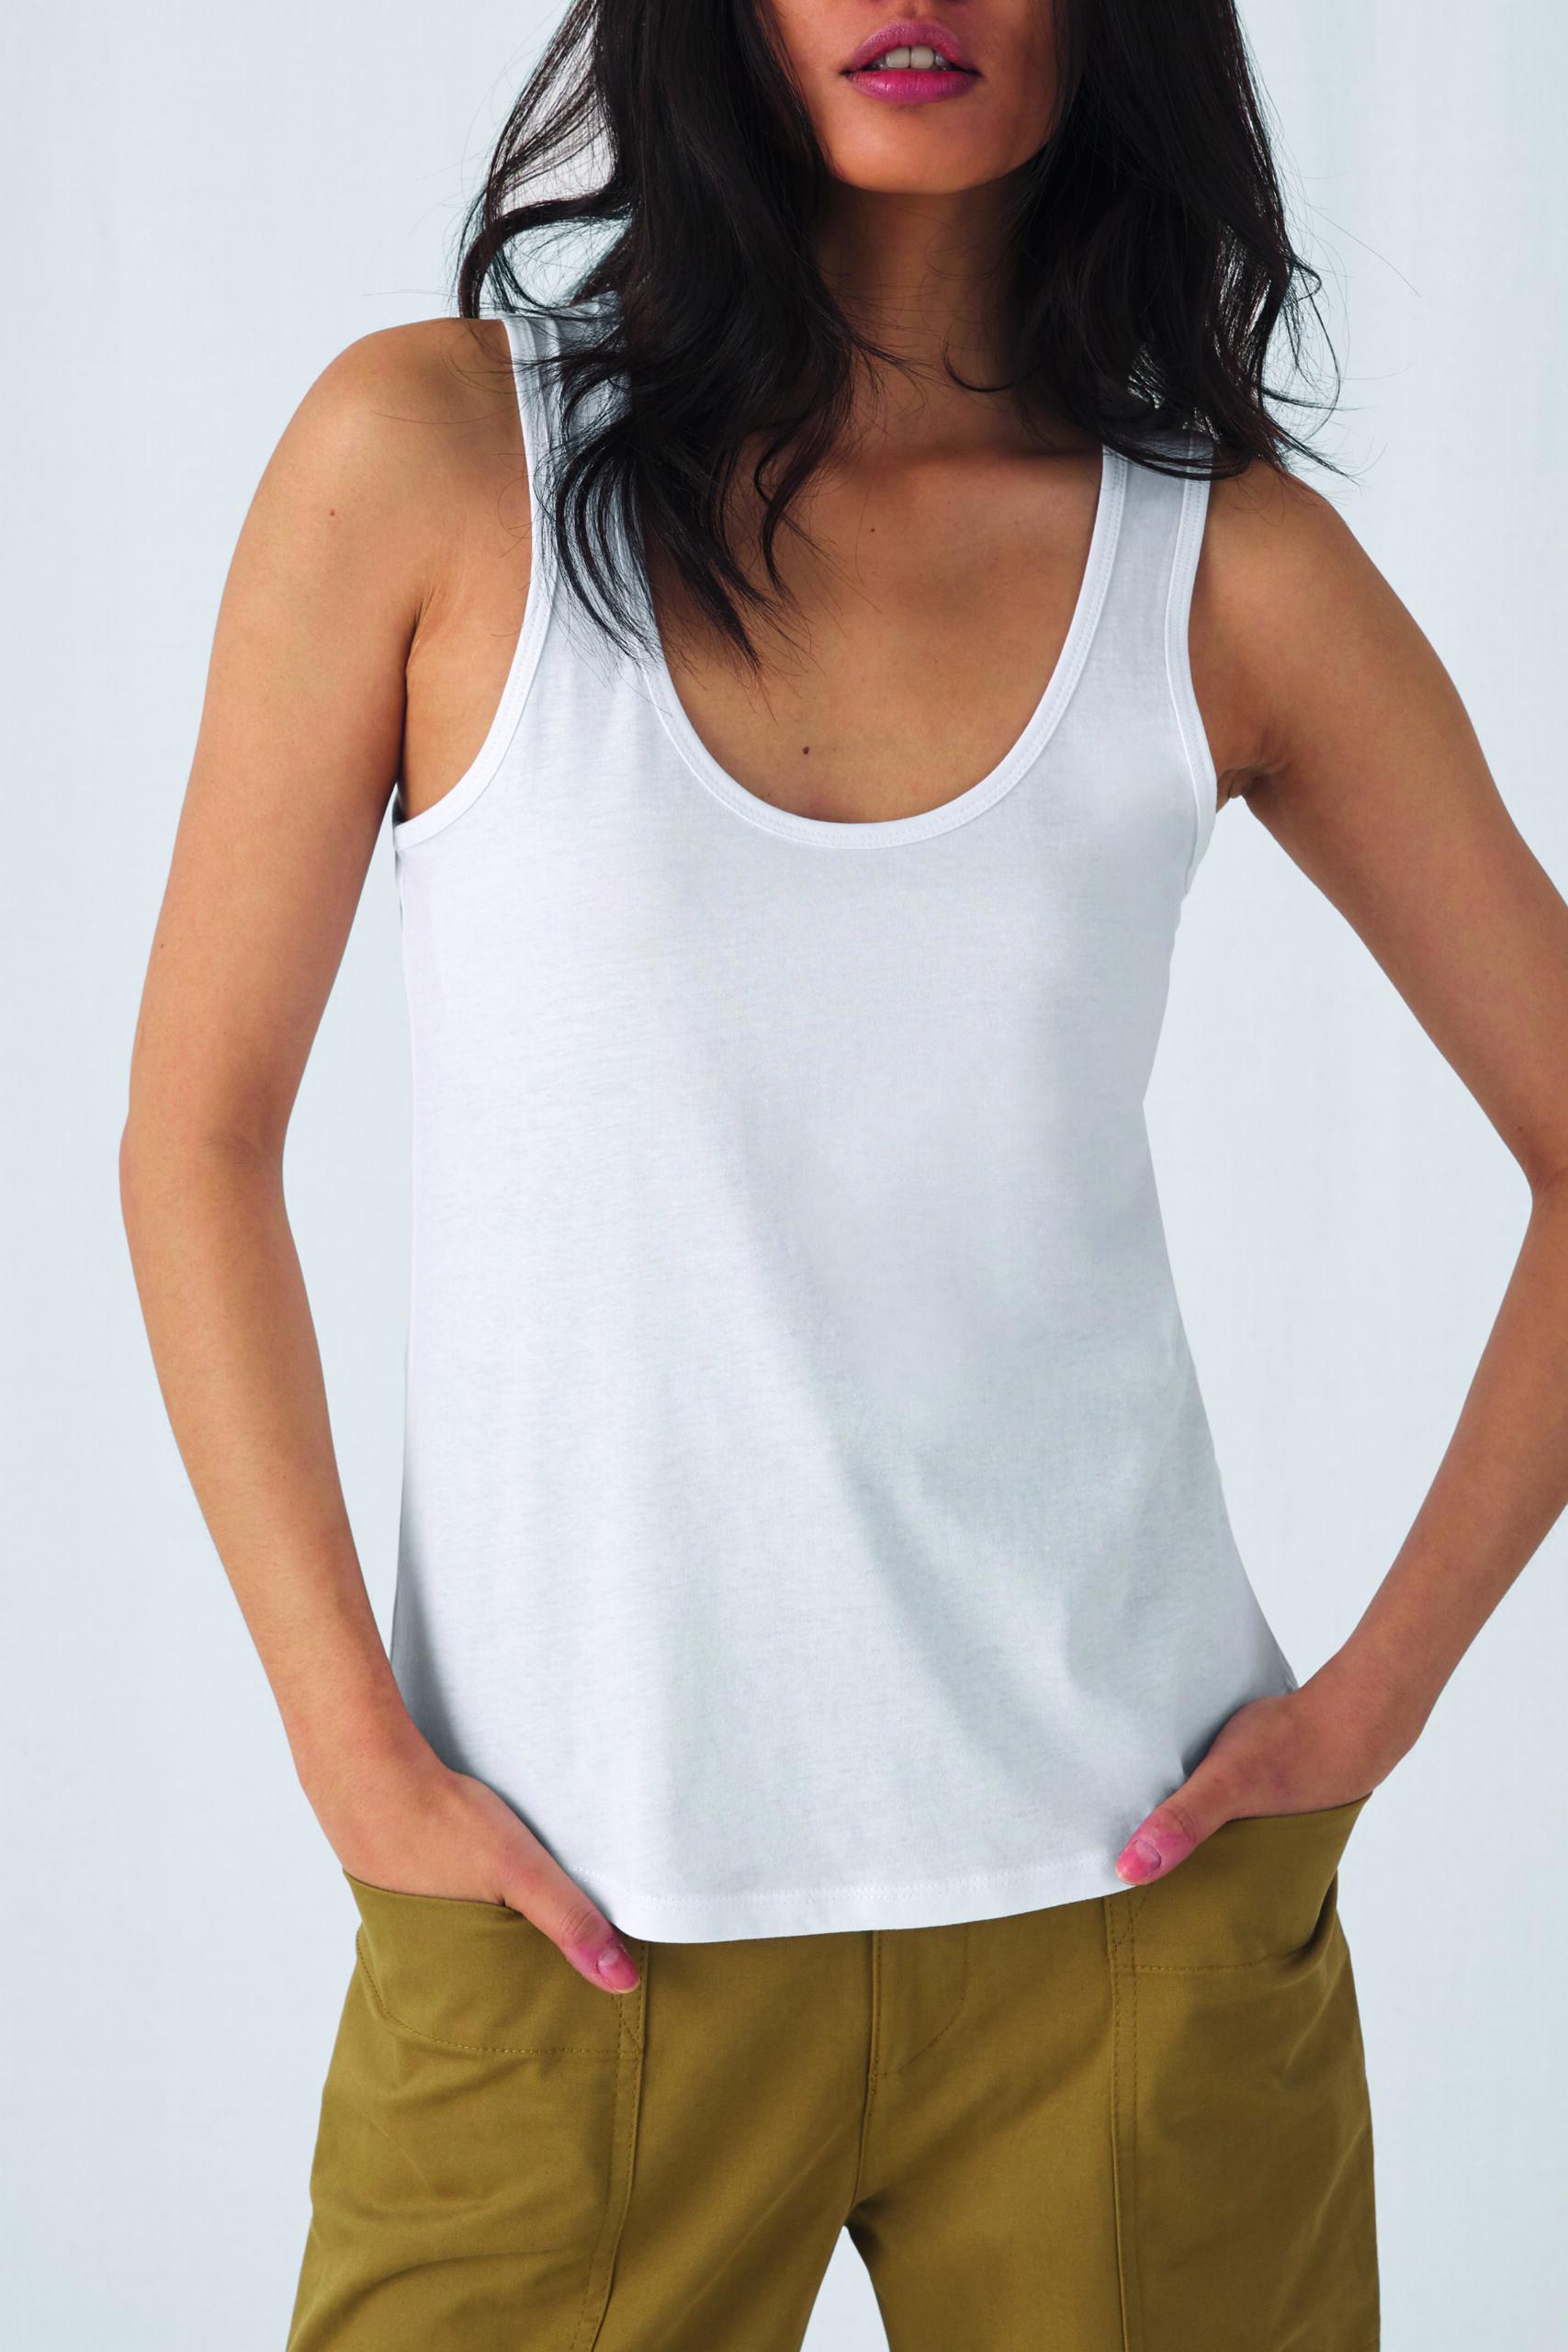 Økologisk, Fair Wear Og Oeko-tex Strop T-shirt Til Kvinder I En 140g/m2 Kvalitet [ BCTW073]